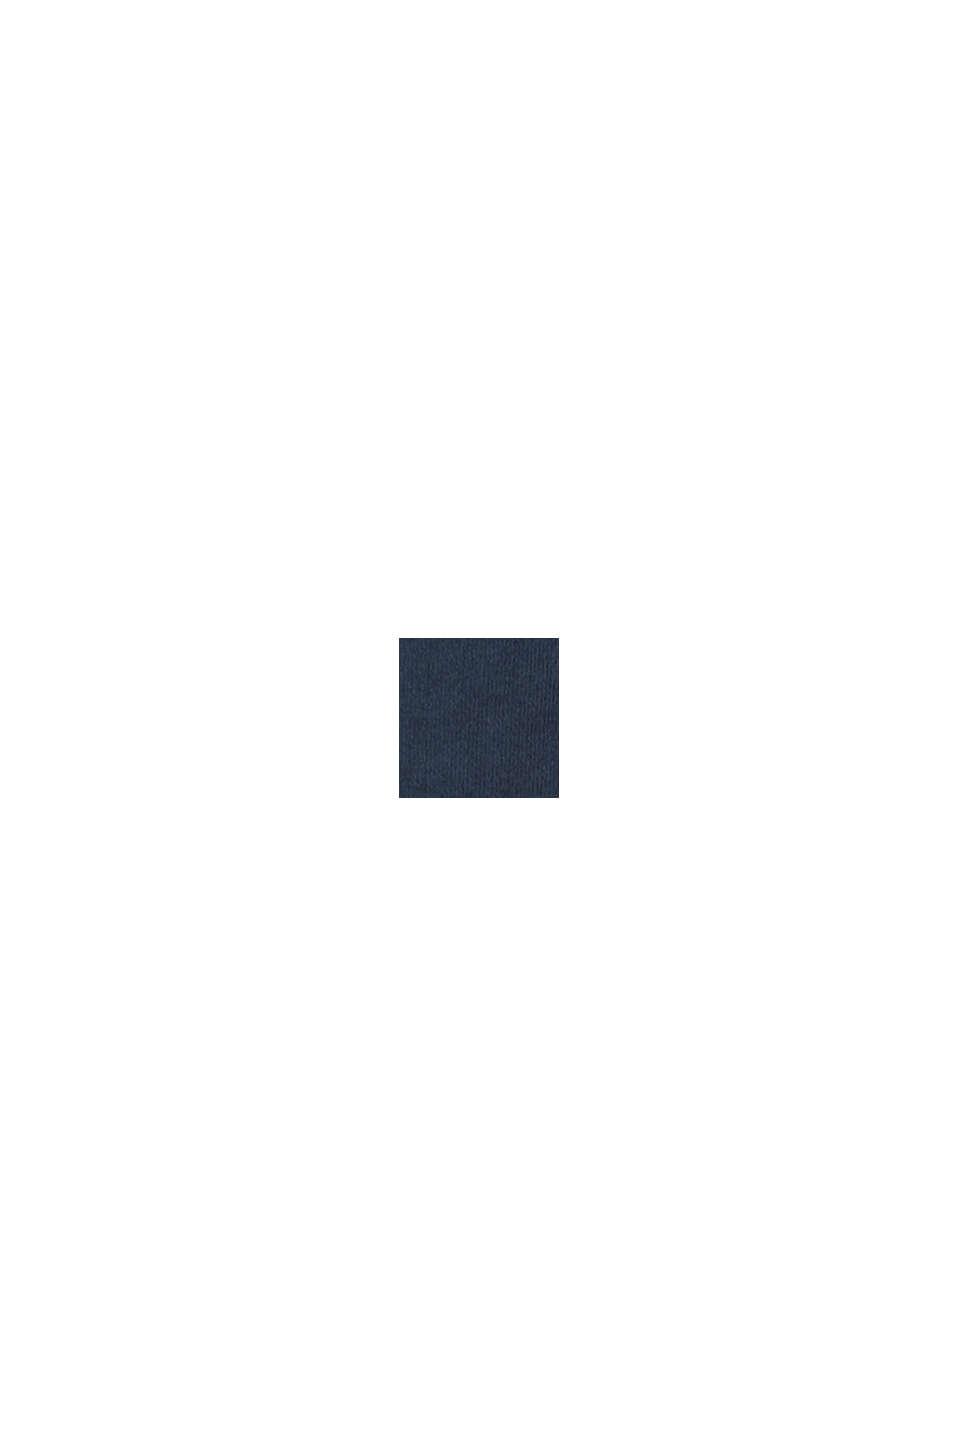 Sweat à capuche et logo imprimé, 100% coton, NAVY, swatch